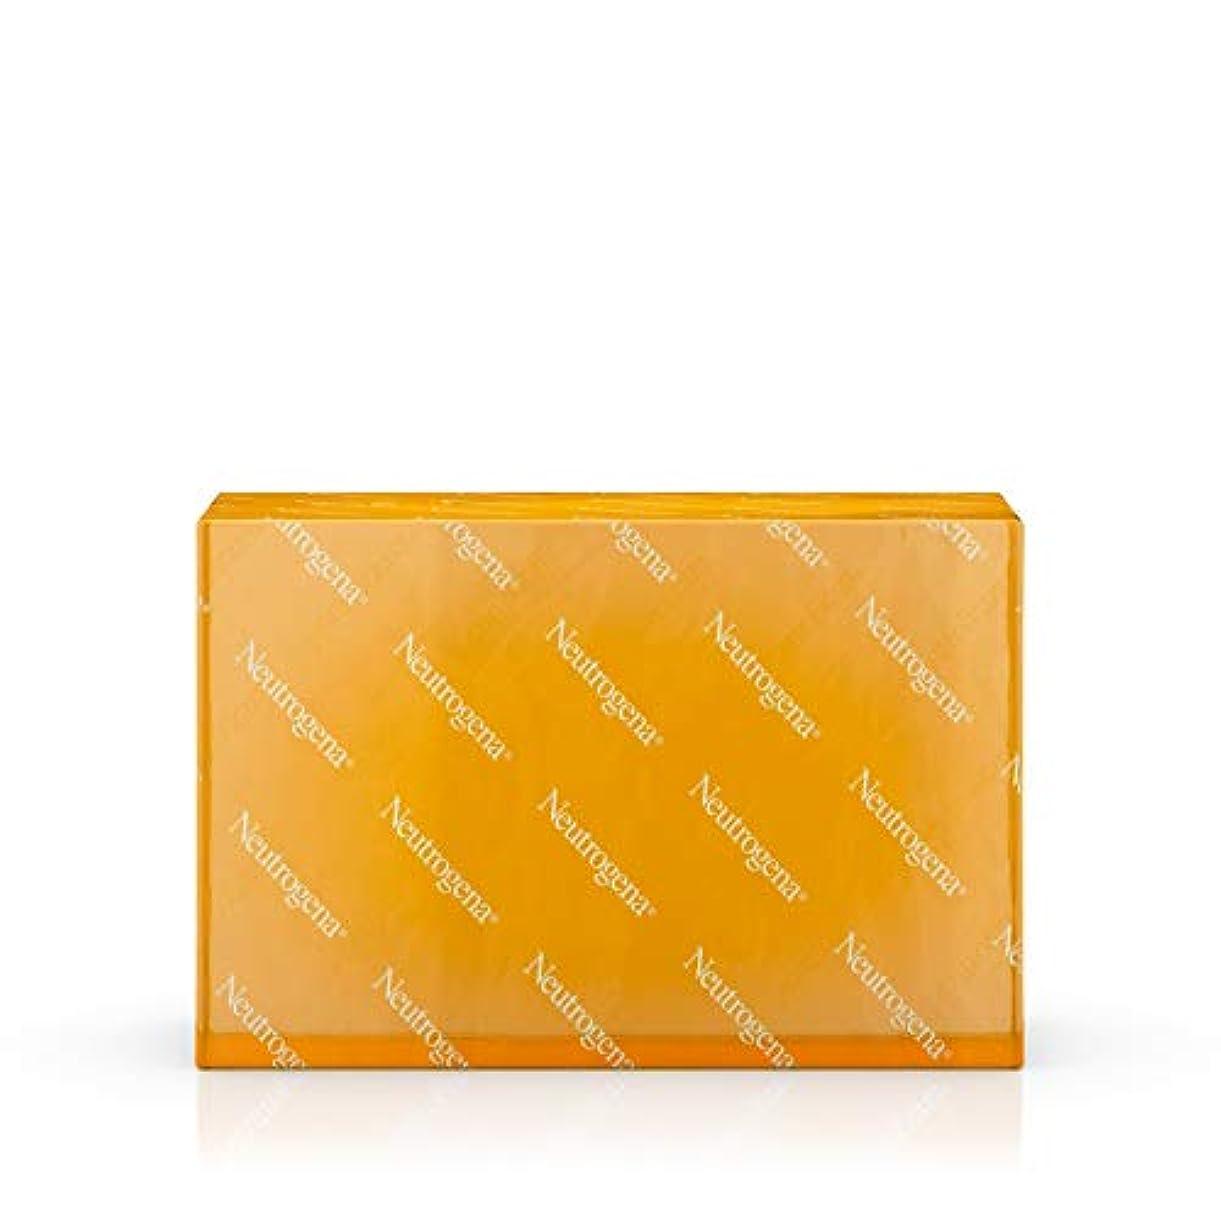 動物軽減する見捨てられた海外直送品 Neutrogena Neutrogena Transparent Facial Bar Soap Fragrance Free, Fragrance Free 3.5 oz